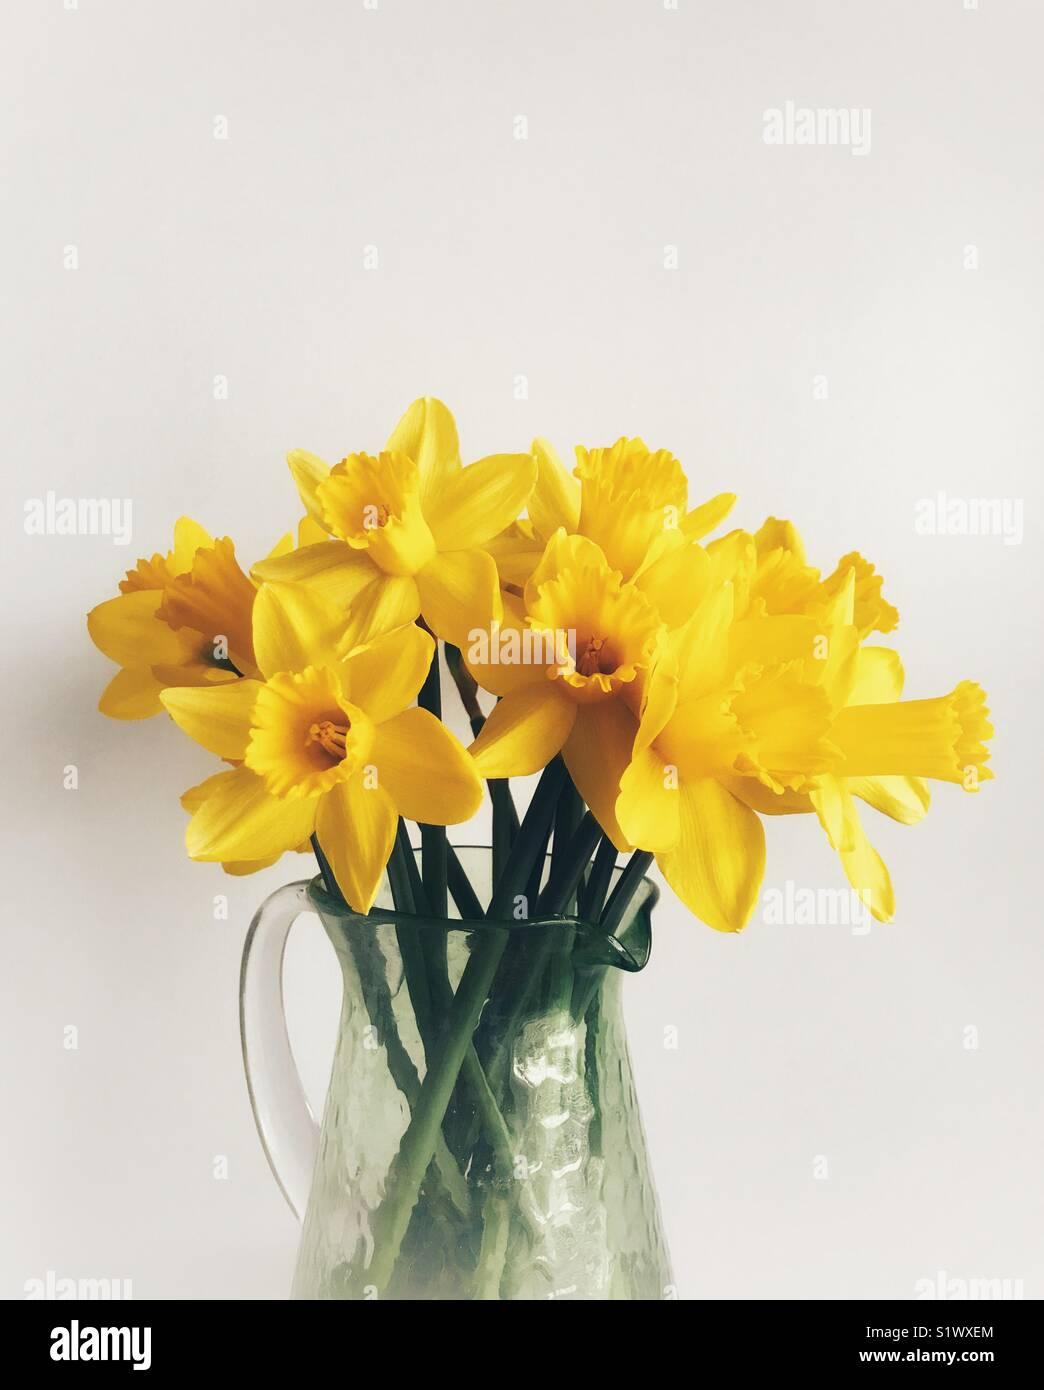 Les jonquilles dans un vase en verre vert contre un fond uni Photo Stock